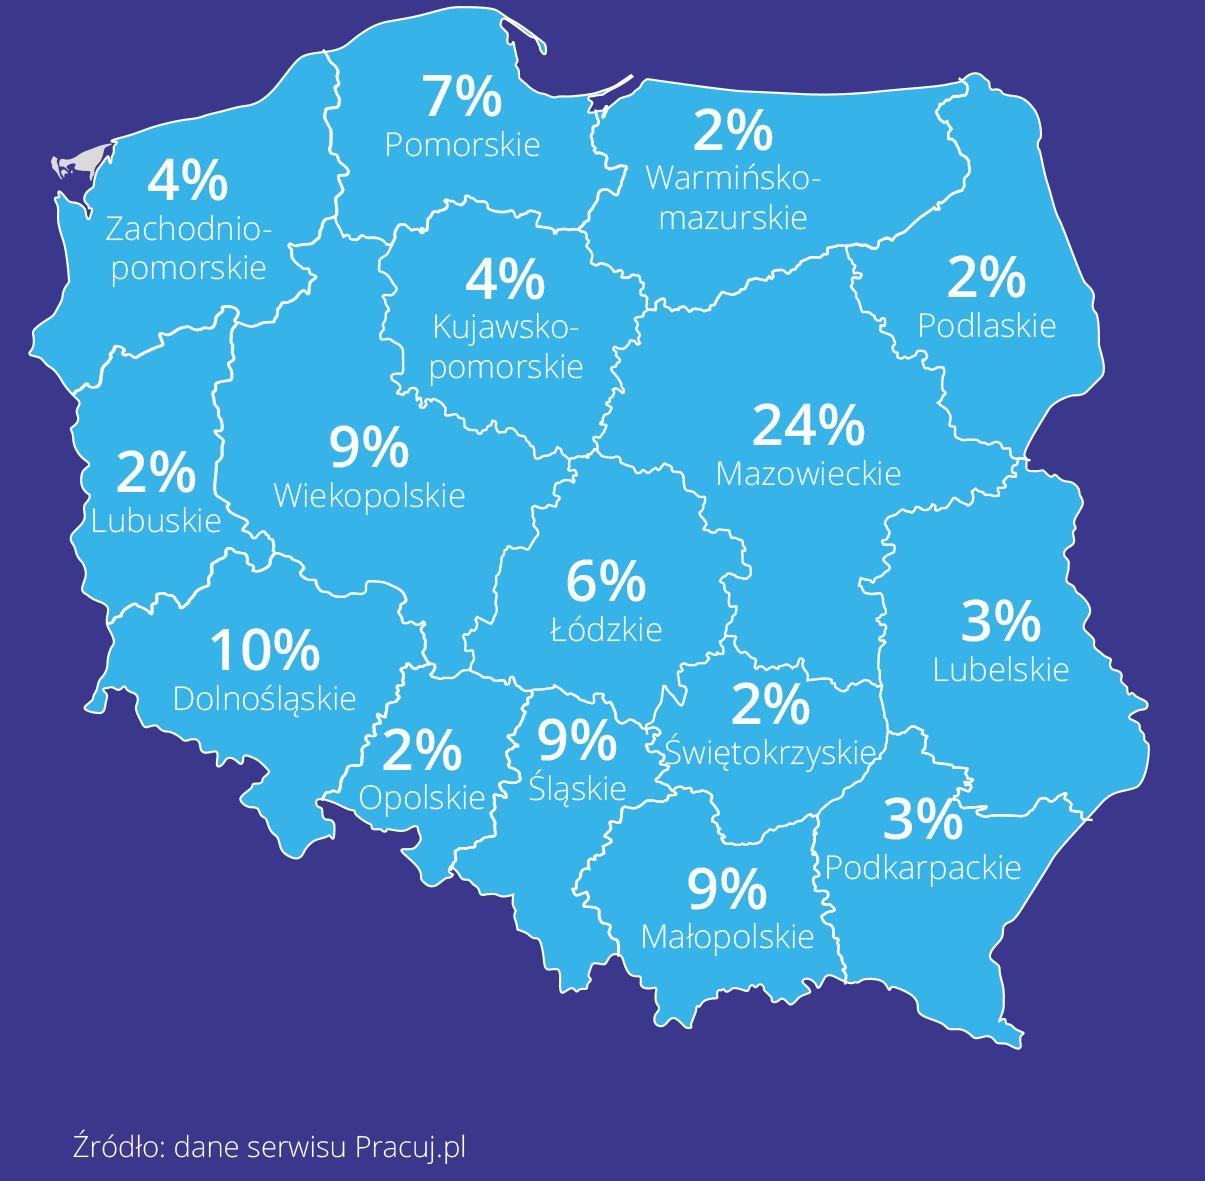 Województwa z największą liczbą ofert pracy, podział procentowy. (Źródło: Pracuj.pl)